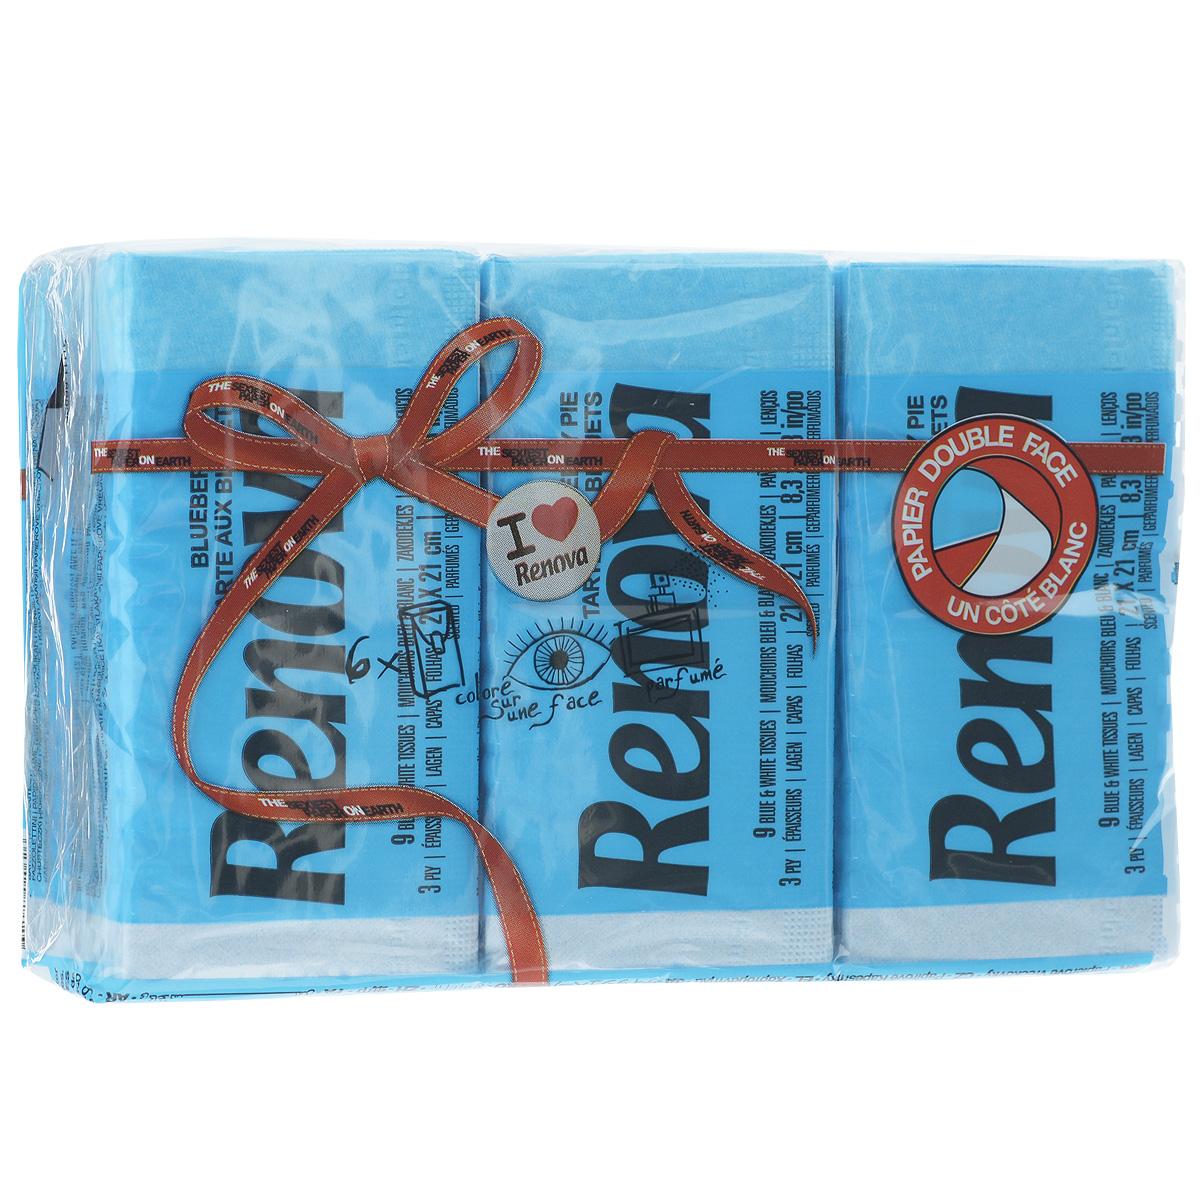 Платочки бумажные Renova Blueberry Pie, ароматизированные, трехслойные, цвет: голубой, 6 пачек1092018Бумажные гигиенические платочки Renova Blueberry Pie,изготовленные из 100% натуральной целлюлозы, подходят для детей и взрослых. Они обладают уникальными свойствами, так как всегда остаются мягкими на ощупь, прочными и отлично впитывающими влагу и могут быть пригодными в любой ситуации. Бумажные платочки Renova Blueberry Pie имеют аромат черники. Удобная небольшая упаковка позволяет носить платочки в кармане.Количество слоев: 3.Размер листа: 21 см х 21 см.Количество пачек: 6 шт.Количество платочков в каждой пачке: 9 шт.Португальская компания Renova является ведущим разработчиком новейших технологий производства, нового стиля и направления на рынке гигиенической продукции. Современный дизайн и высочайшее качество, дерматологический контроль - это то, что выделяет компанию Renova среди других производителей бумажной санитарно-гигиенической продукции.